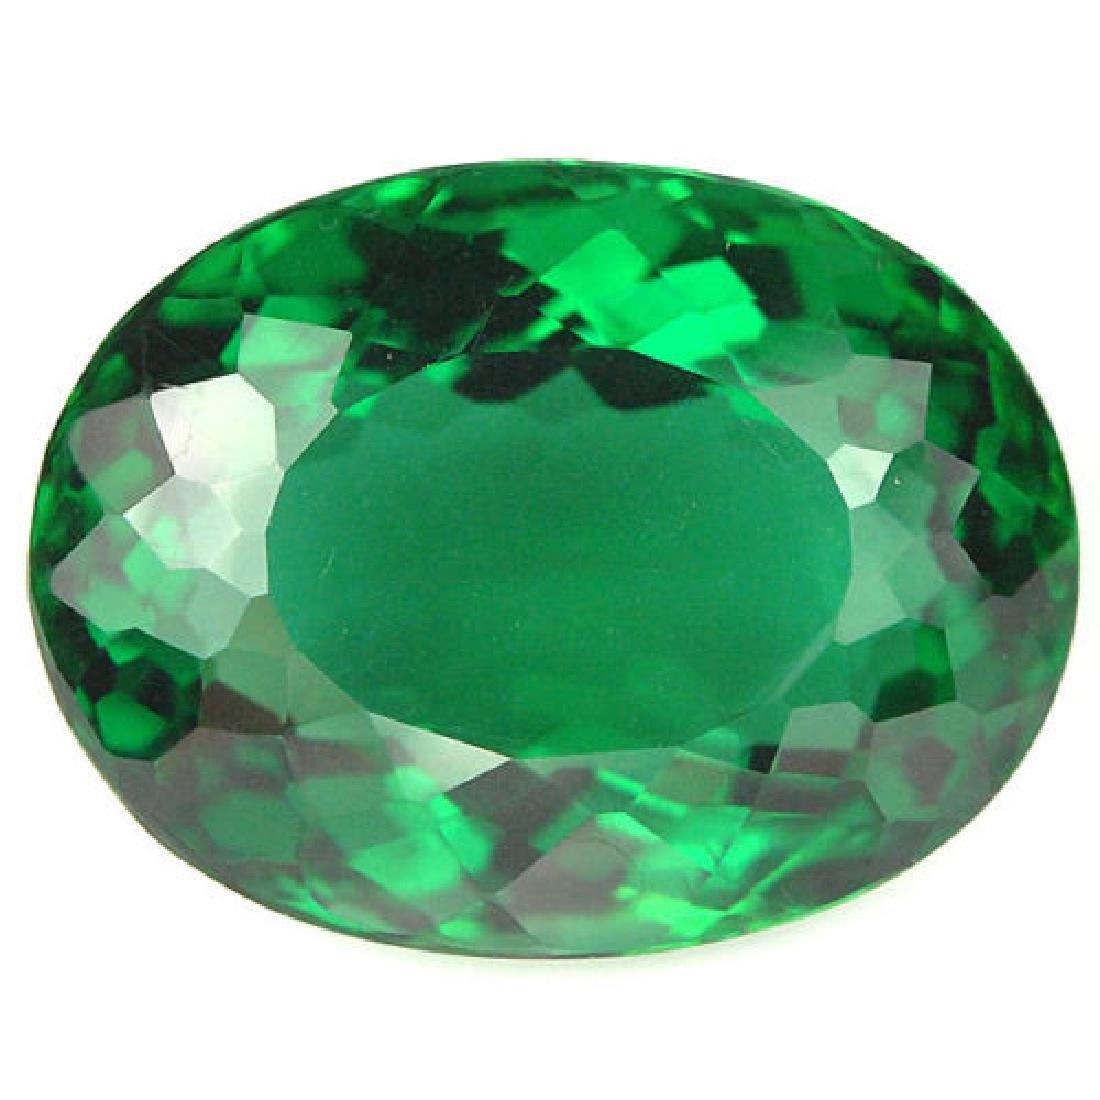 Natural Green Amethyst 21.75 carats - Flawless